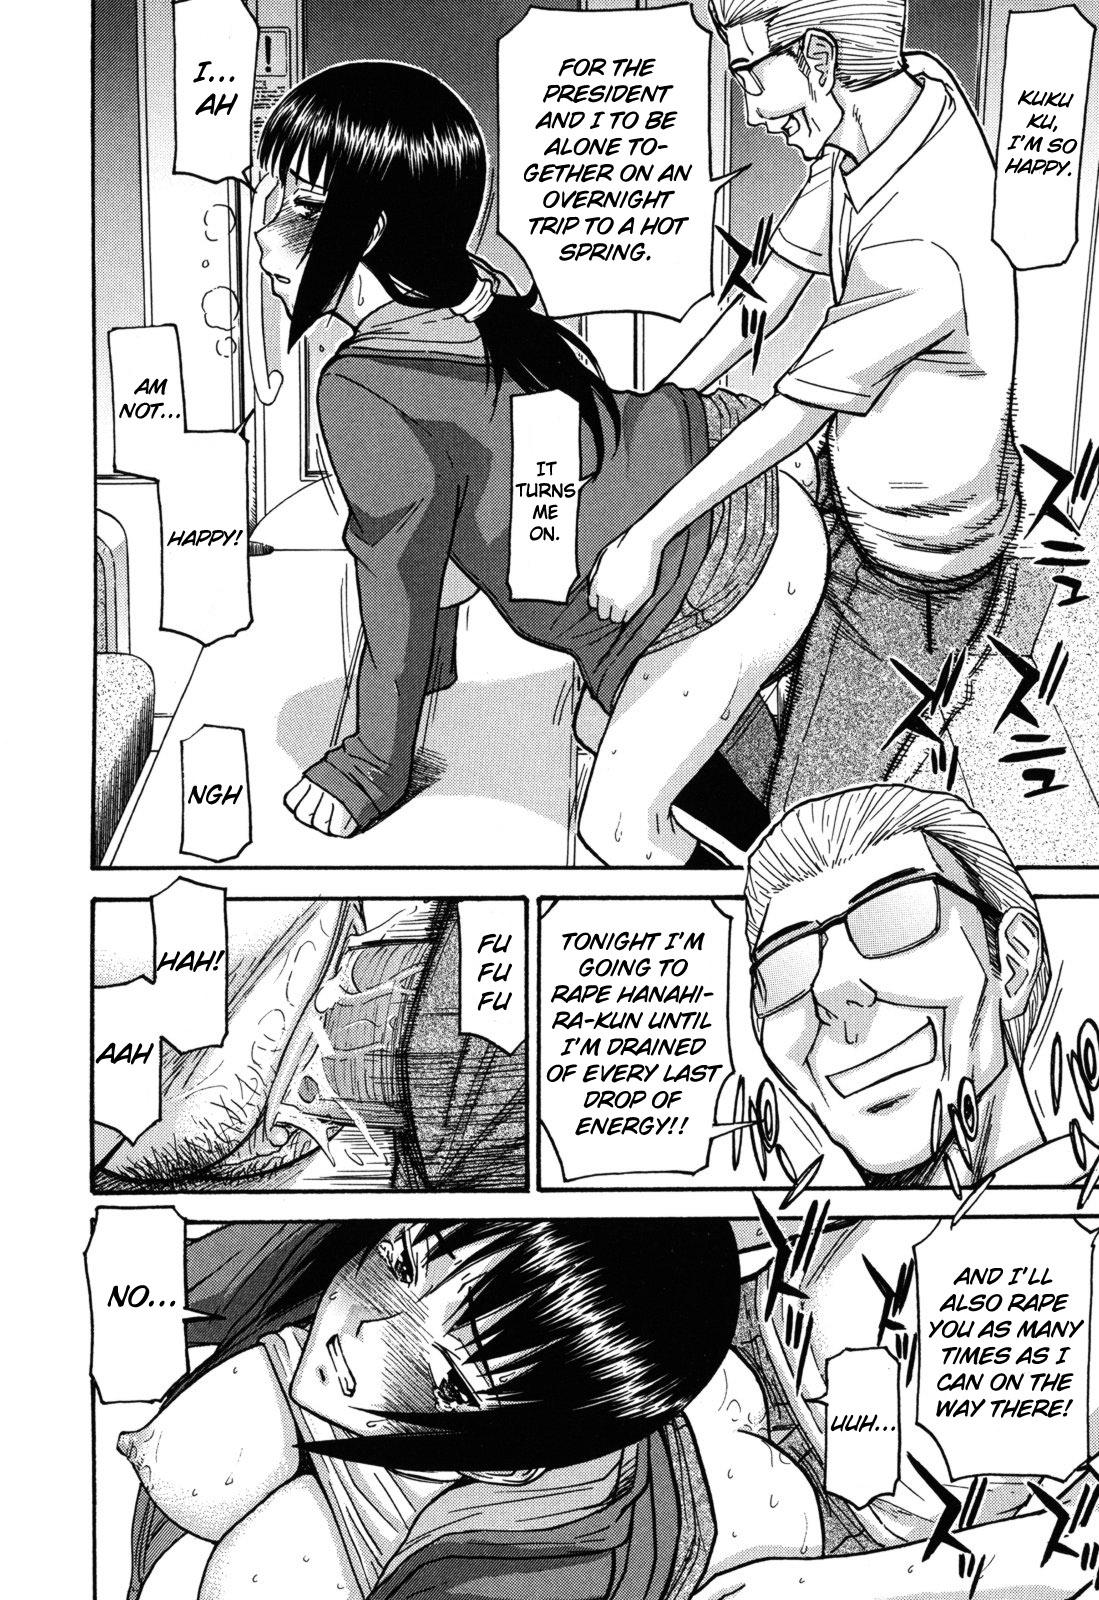 [Inomaru] Hanabira Seito Kaichou Bangaihen ~Kouchou Sensei Saikou no Ichinichi~ | Camellia - Student Council President Hanahira Side Story: Principal-sensei's Best Day Ever [English] {Rookie84} 2